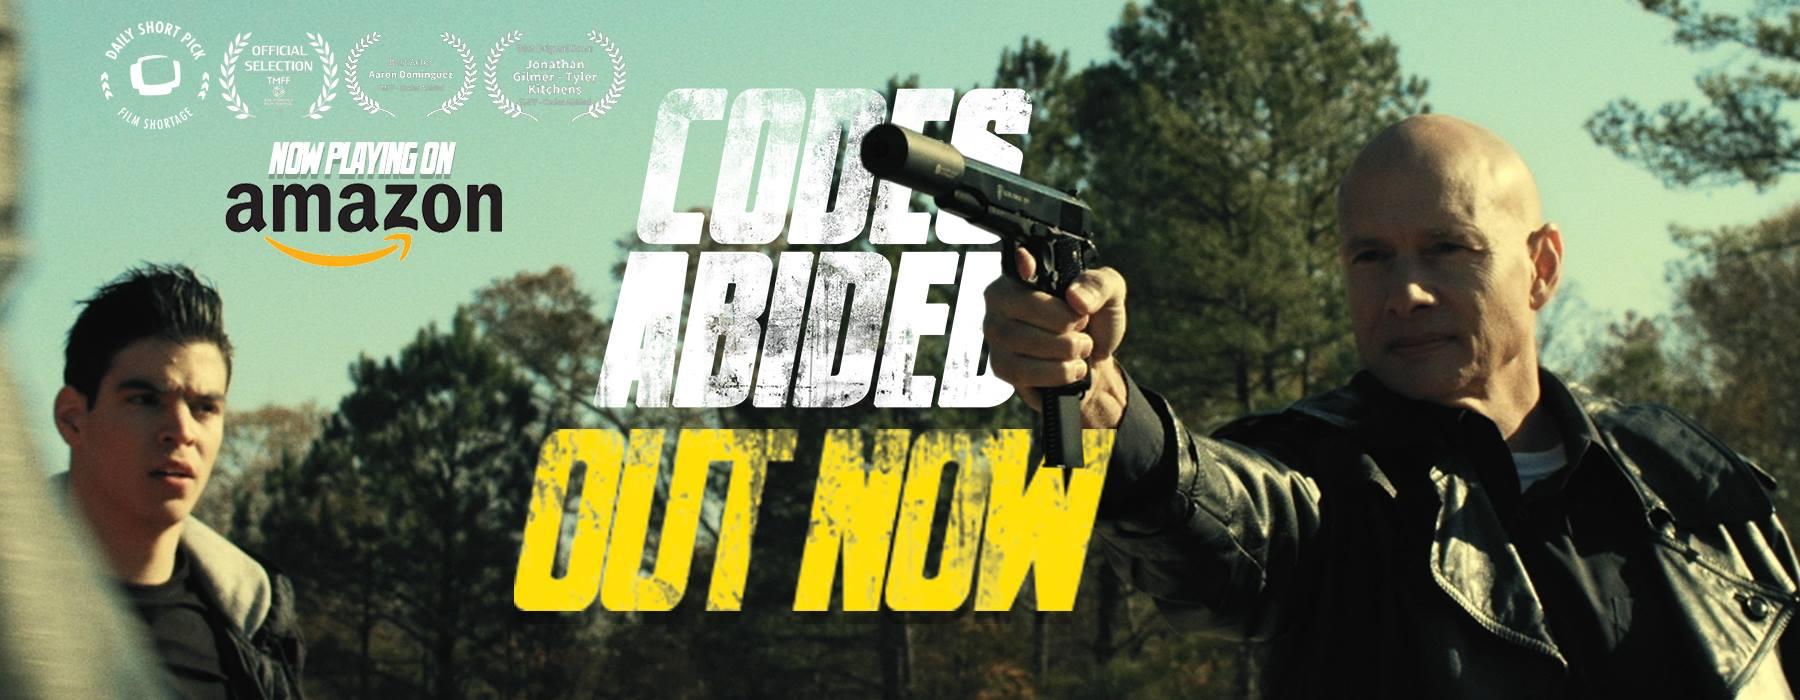 codes_abided_award_banner.jpeg